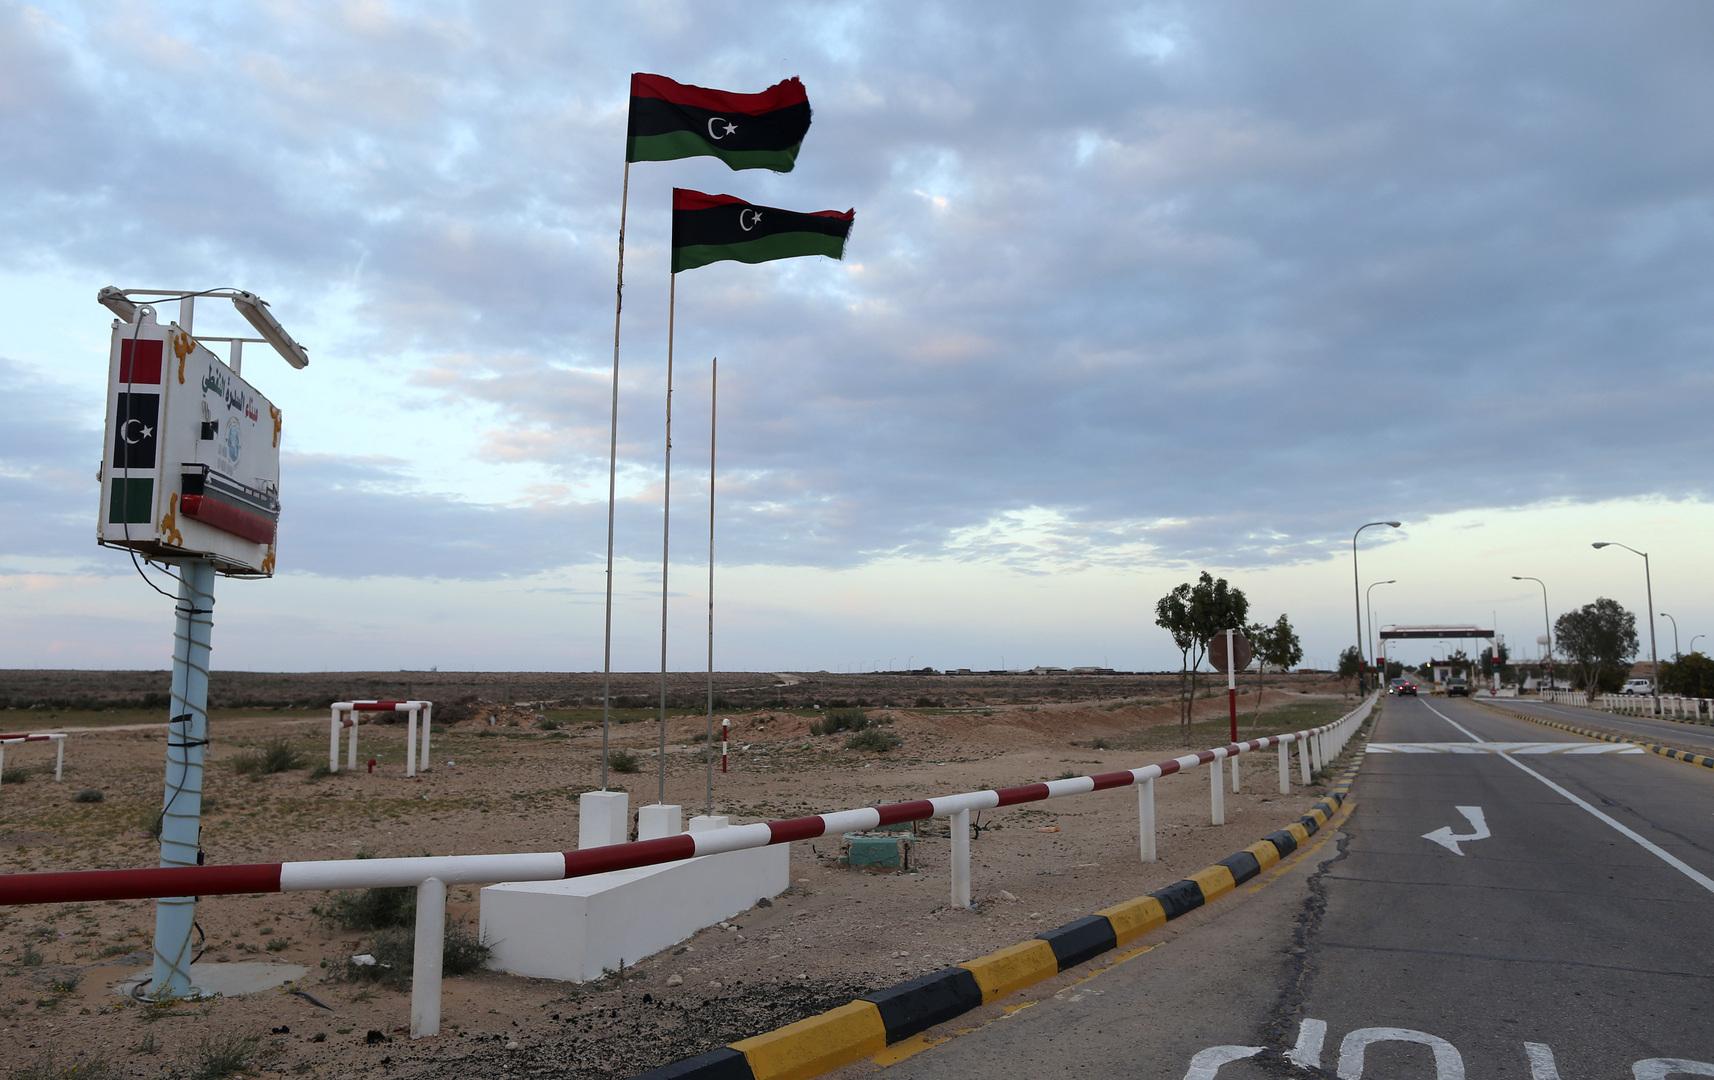 سفير واشنطن لدى ليبيا يتوجه إلى أنقرة لبحث سبل وقف التصعيد